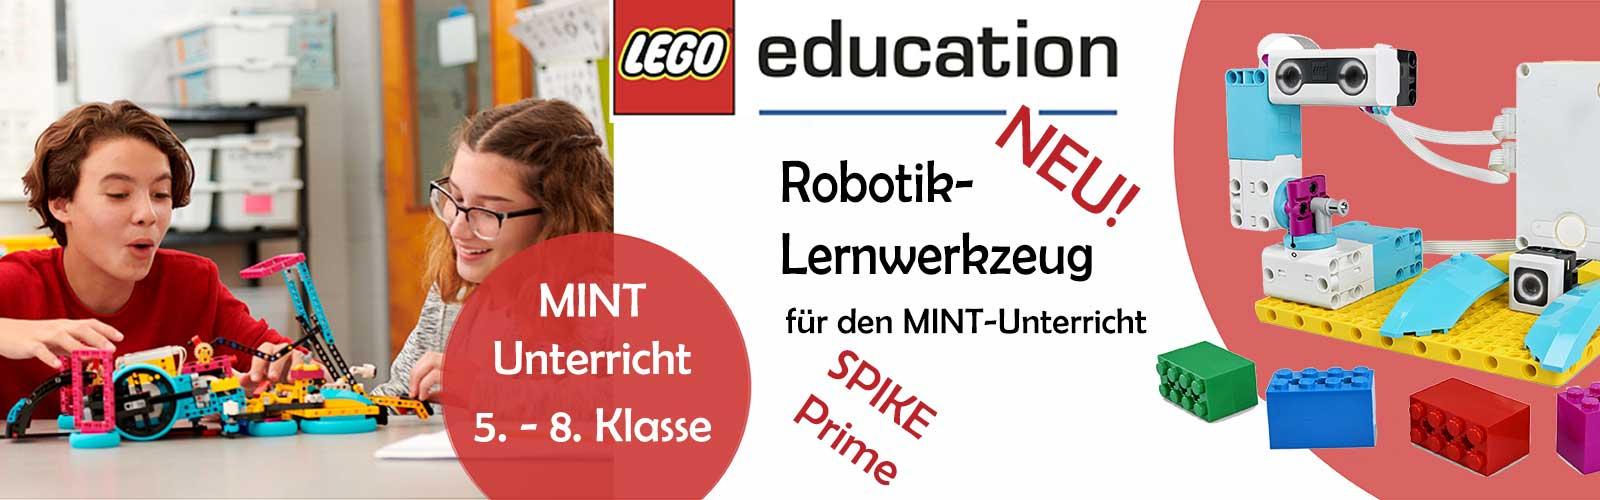 0 - 0 LEGO Spike Neuheit_MINT